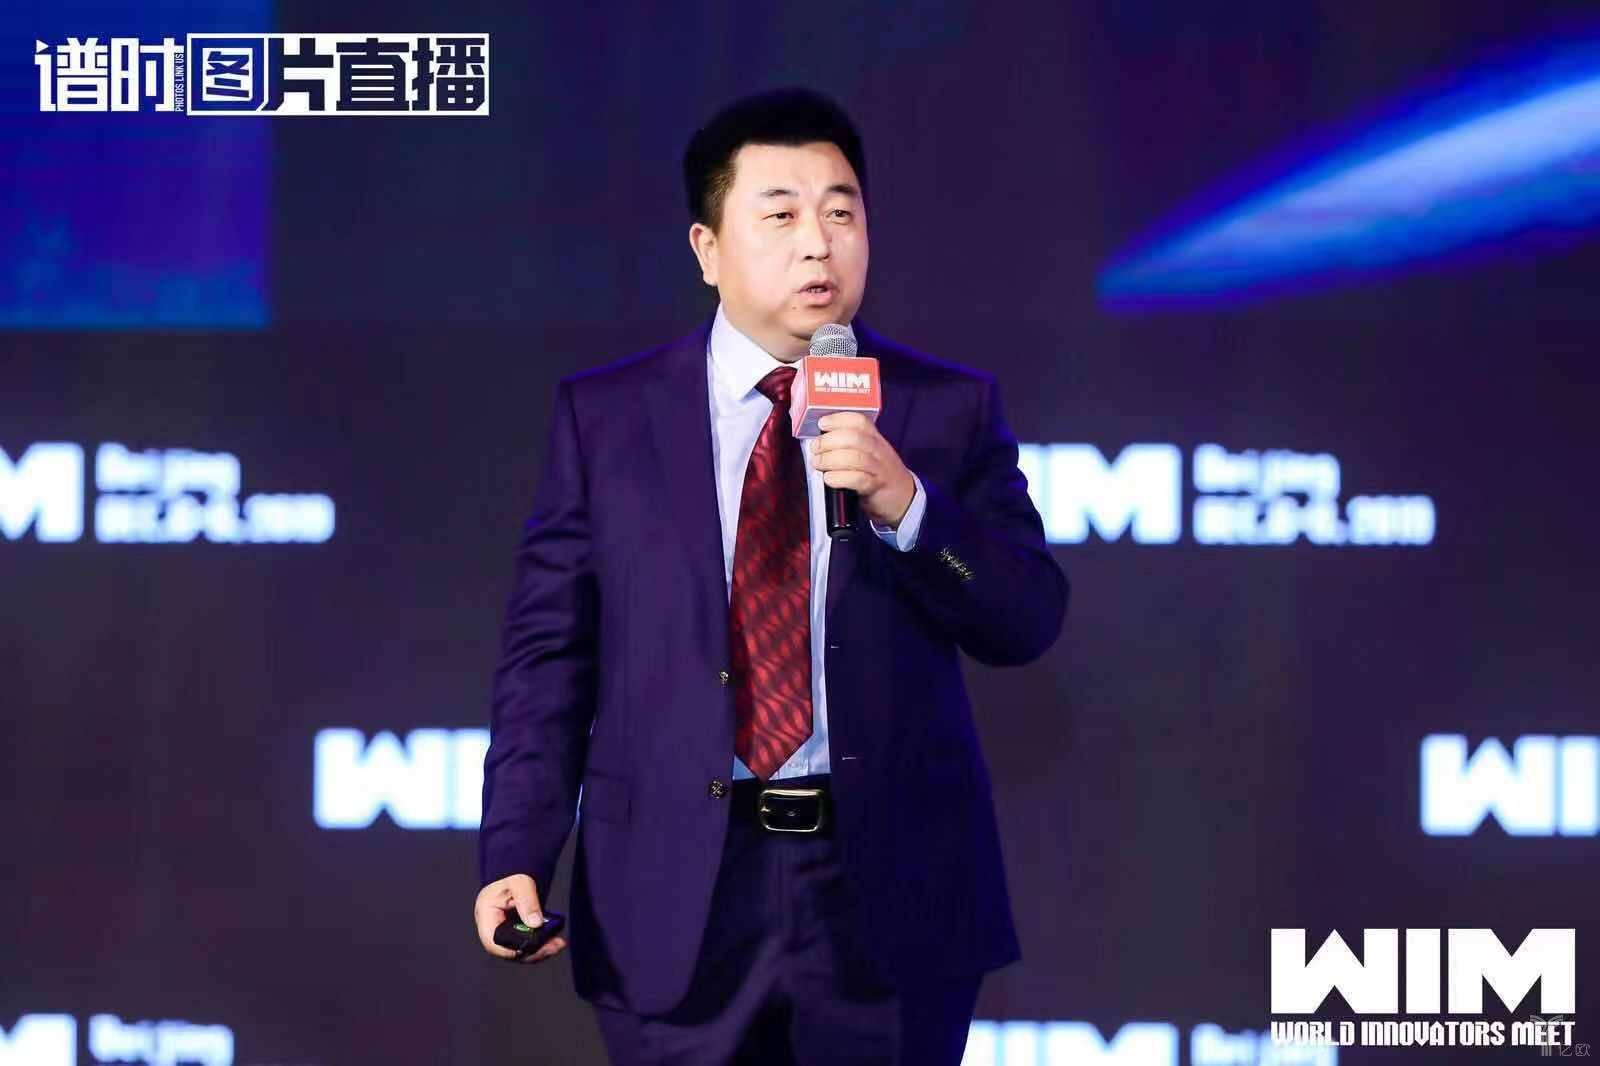 中星微人造智能董事长兼CEO 张韵东